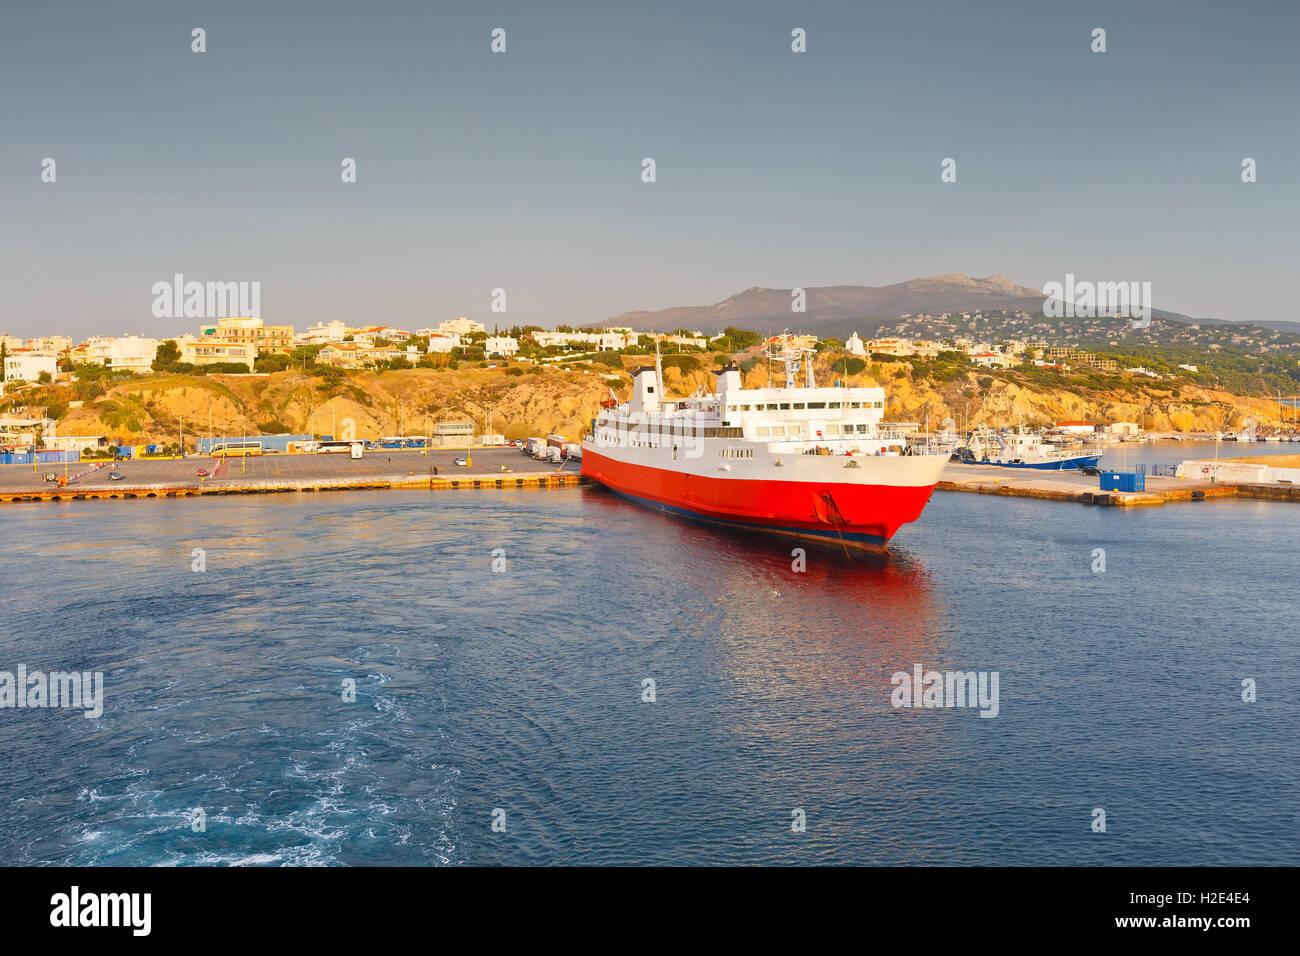 Mit der Fähre in den Hafen von Rafina in Athen. Stockbild